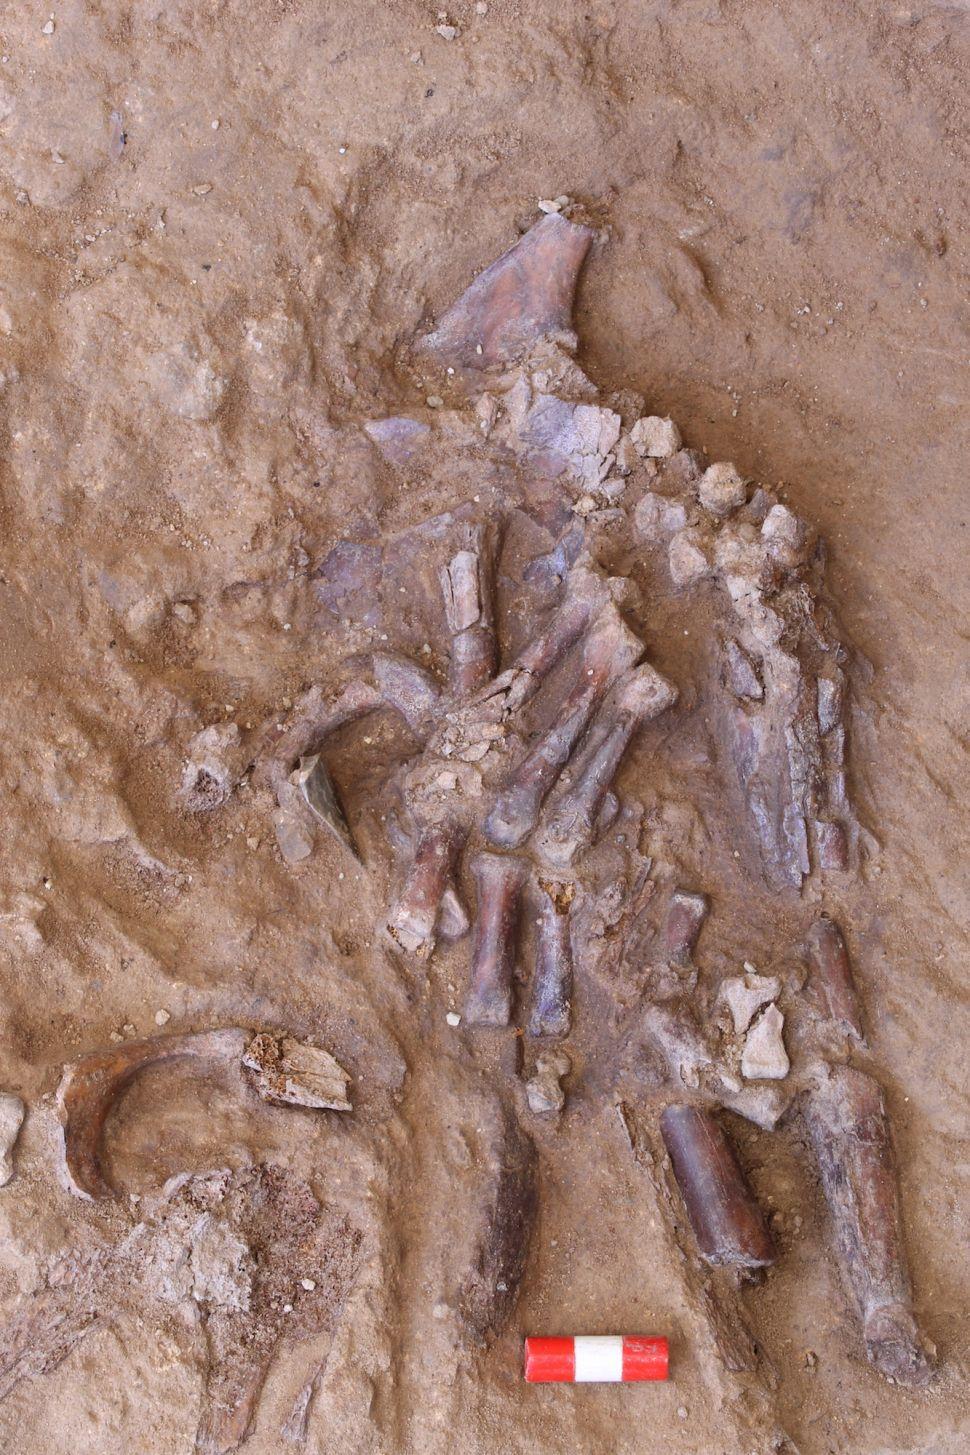 Descoperirea unui Neanderthal în Peştera Shanidar